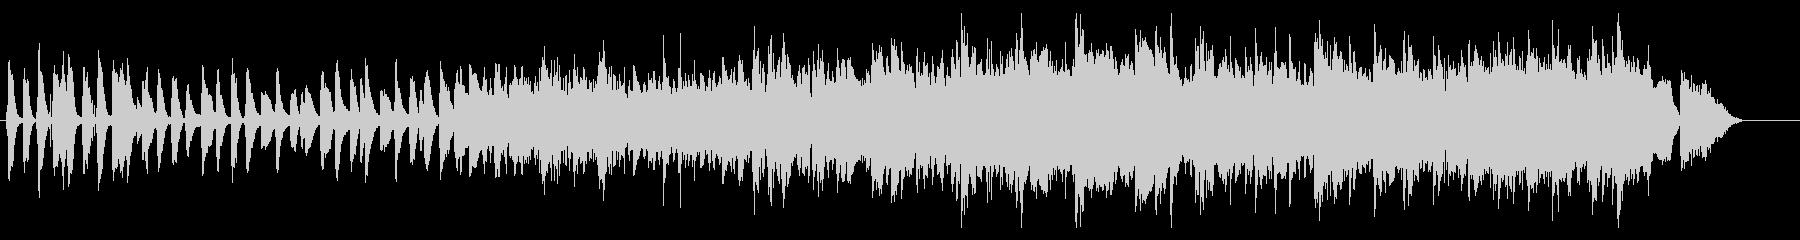 かわいい・ノスタルジック・ピアノ・オケの未再生の波形